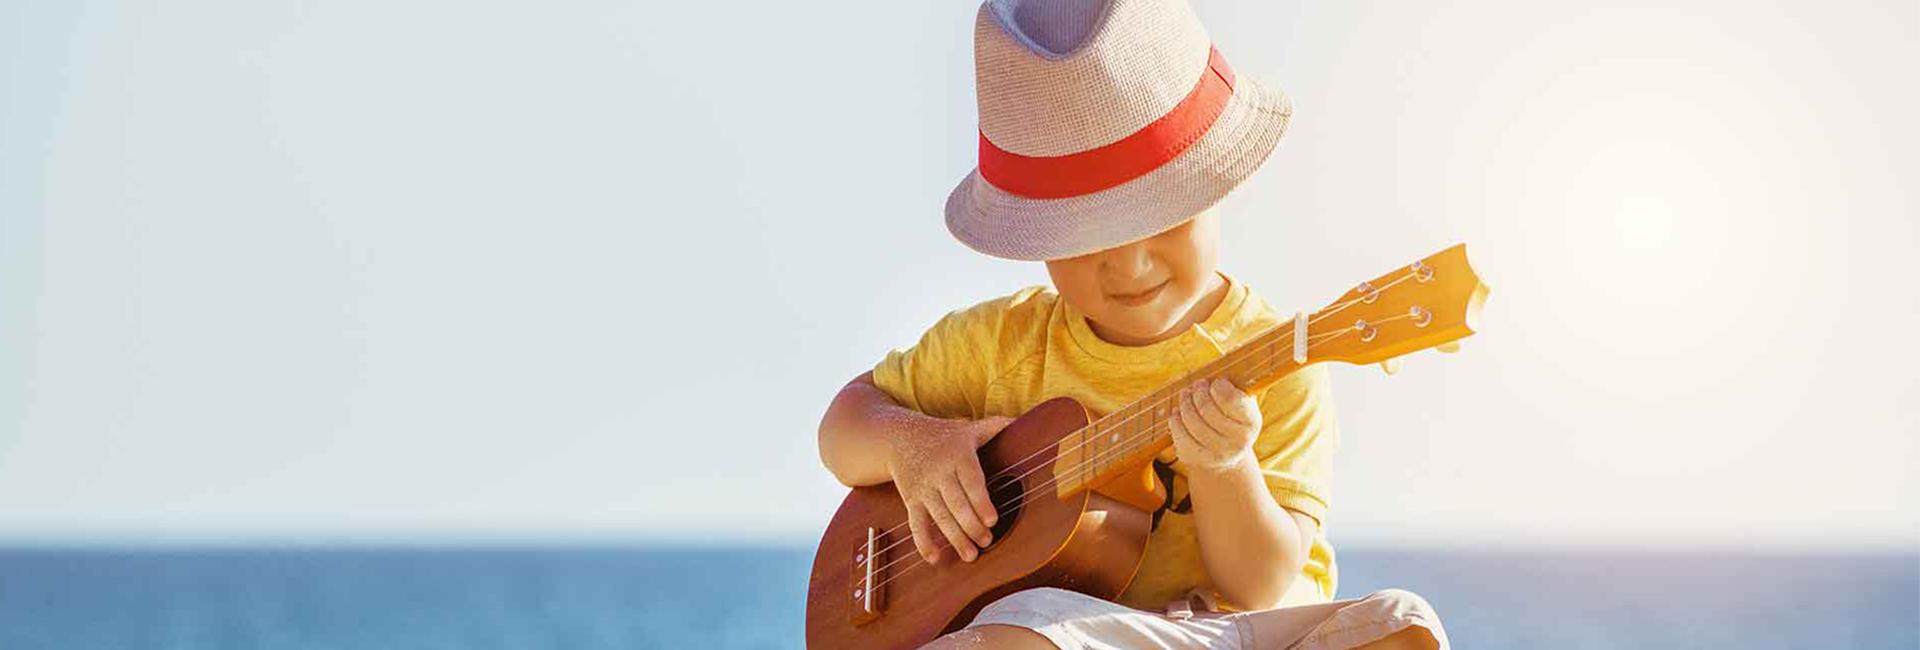 Children's Weekend 2020 - 2 children up to 12 years free *